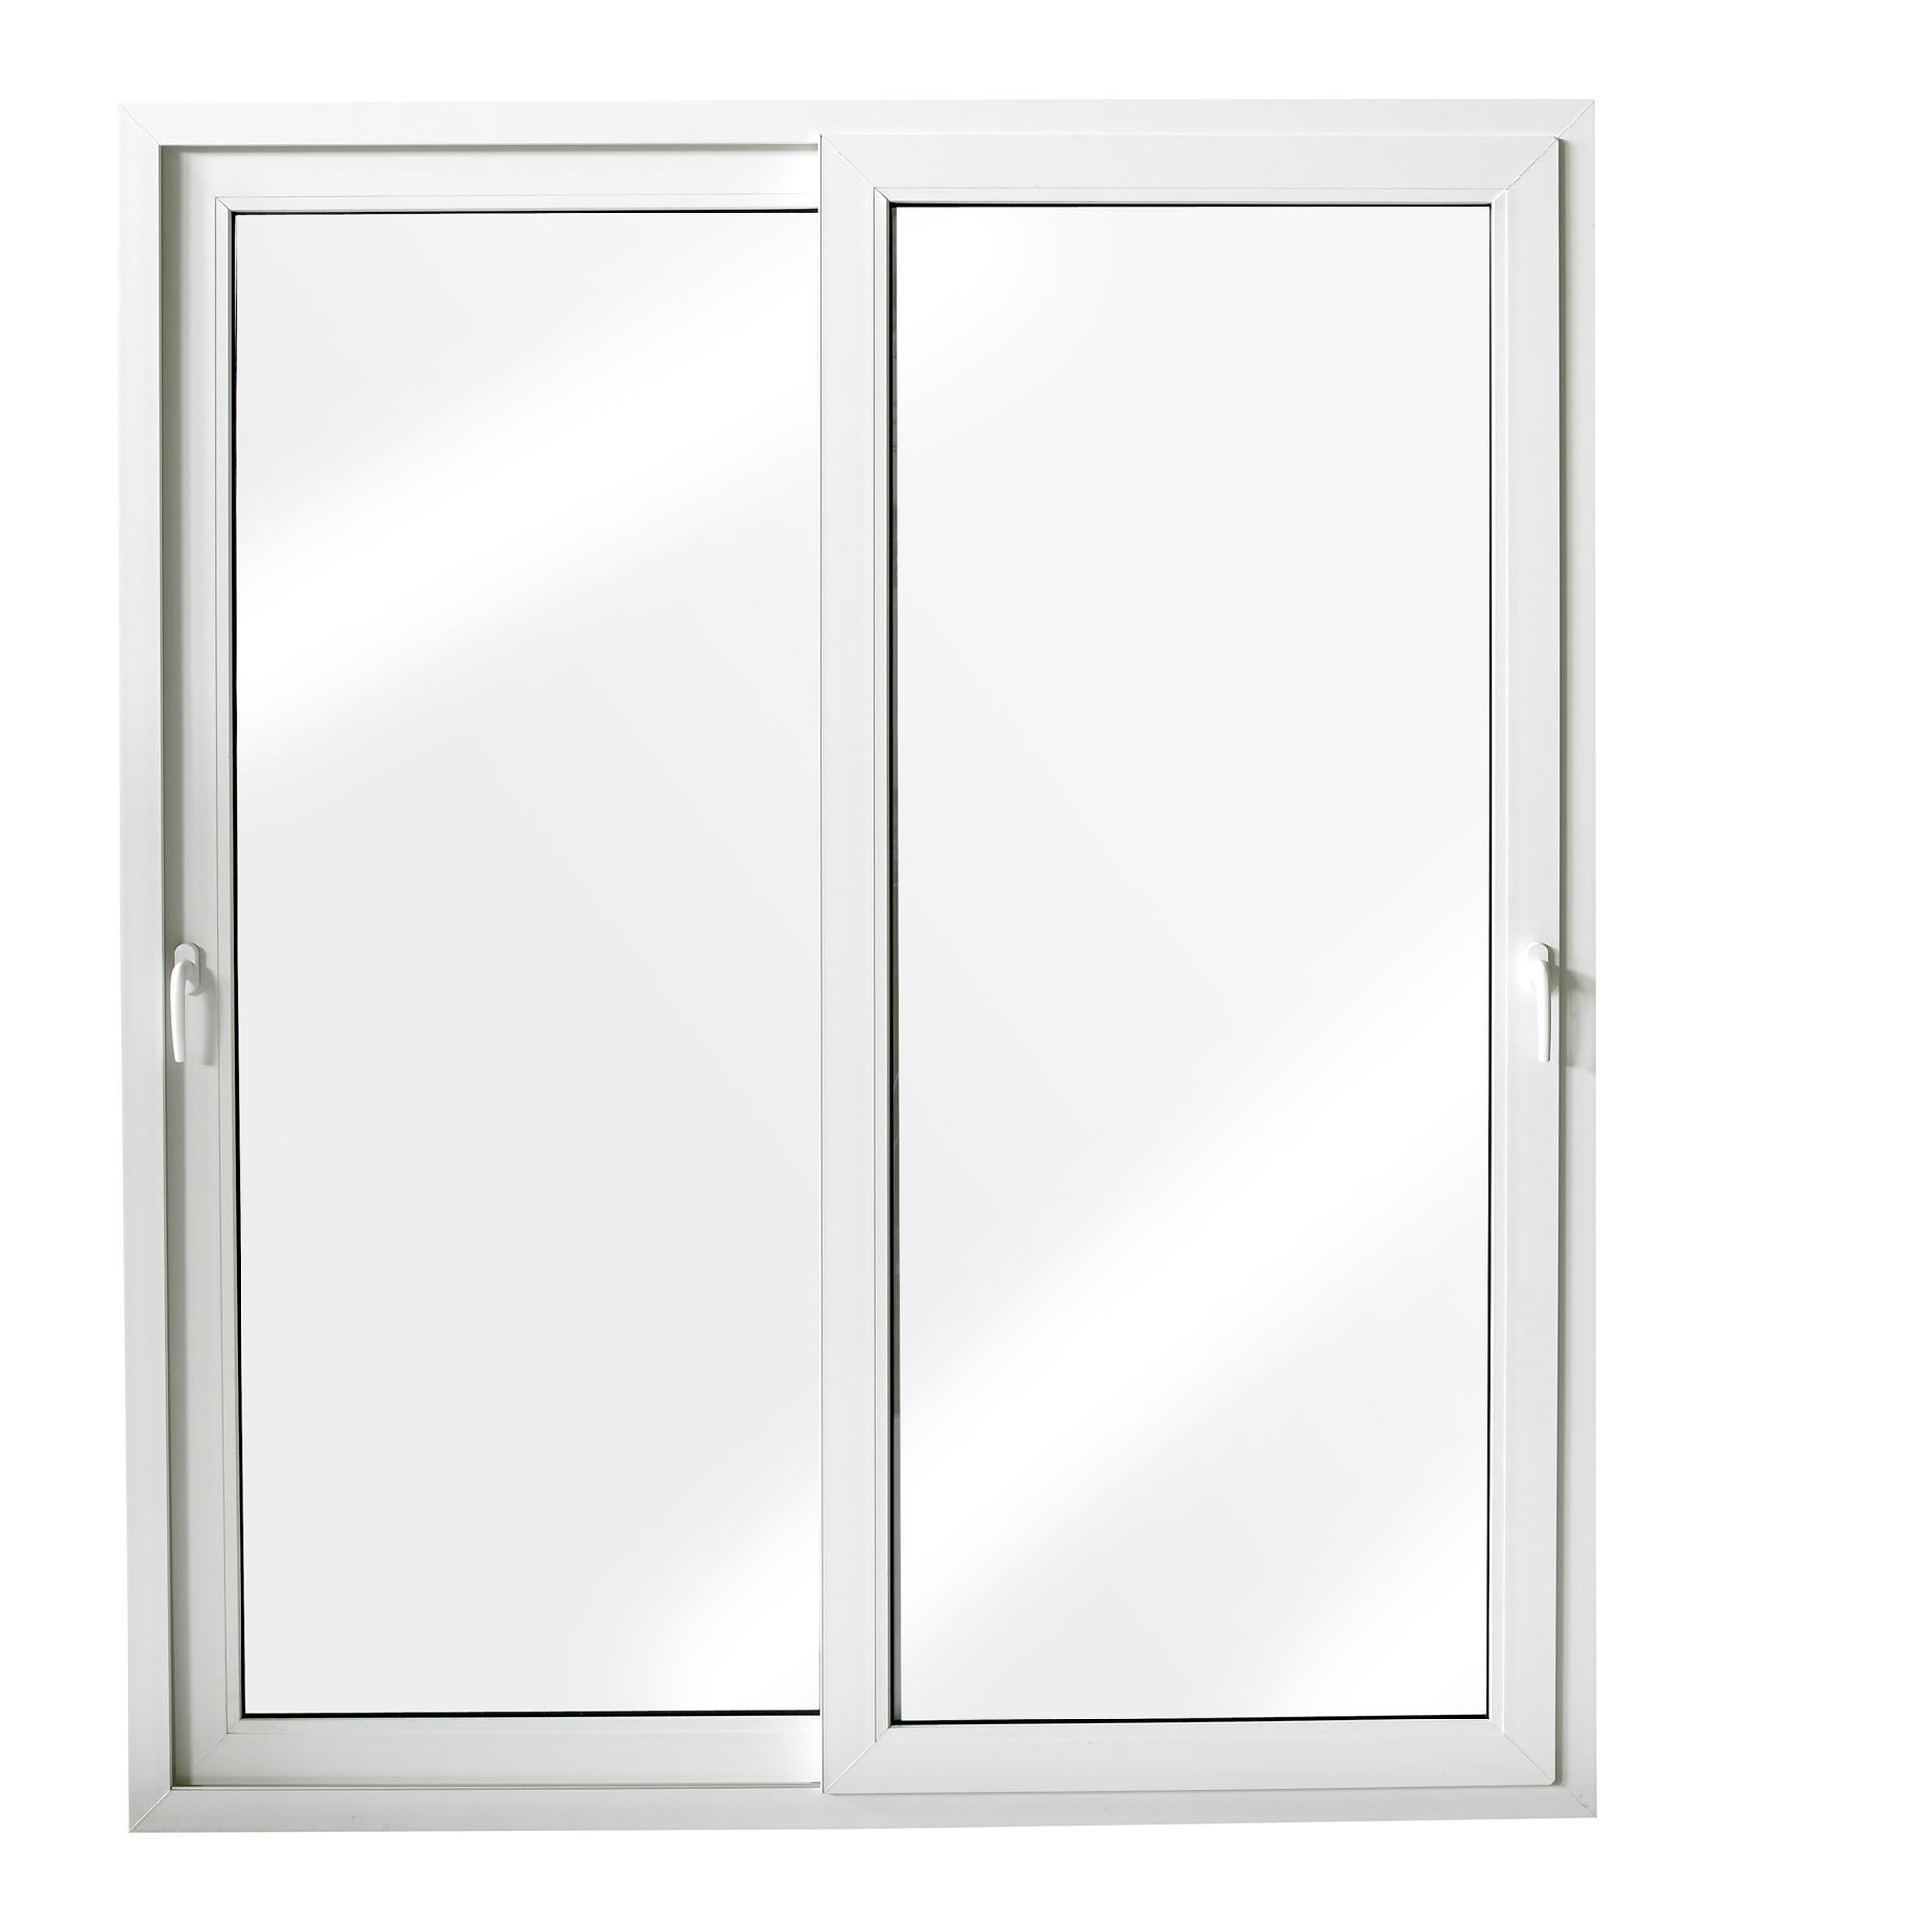 Porte coulissante en pvc blanc 218x216 cm u 1 4 portes ext rieures portes - Portes fenetres coulissantes exterieures ...